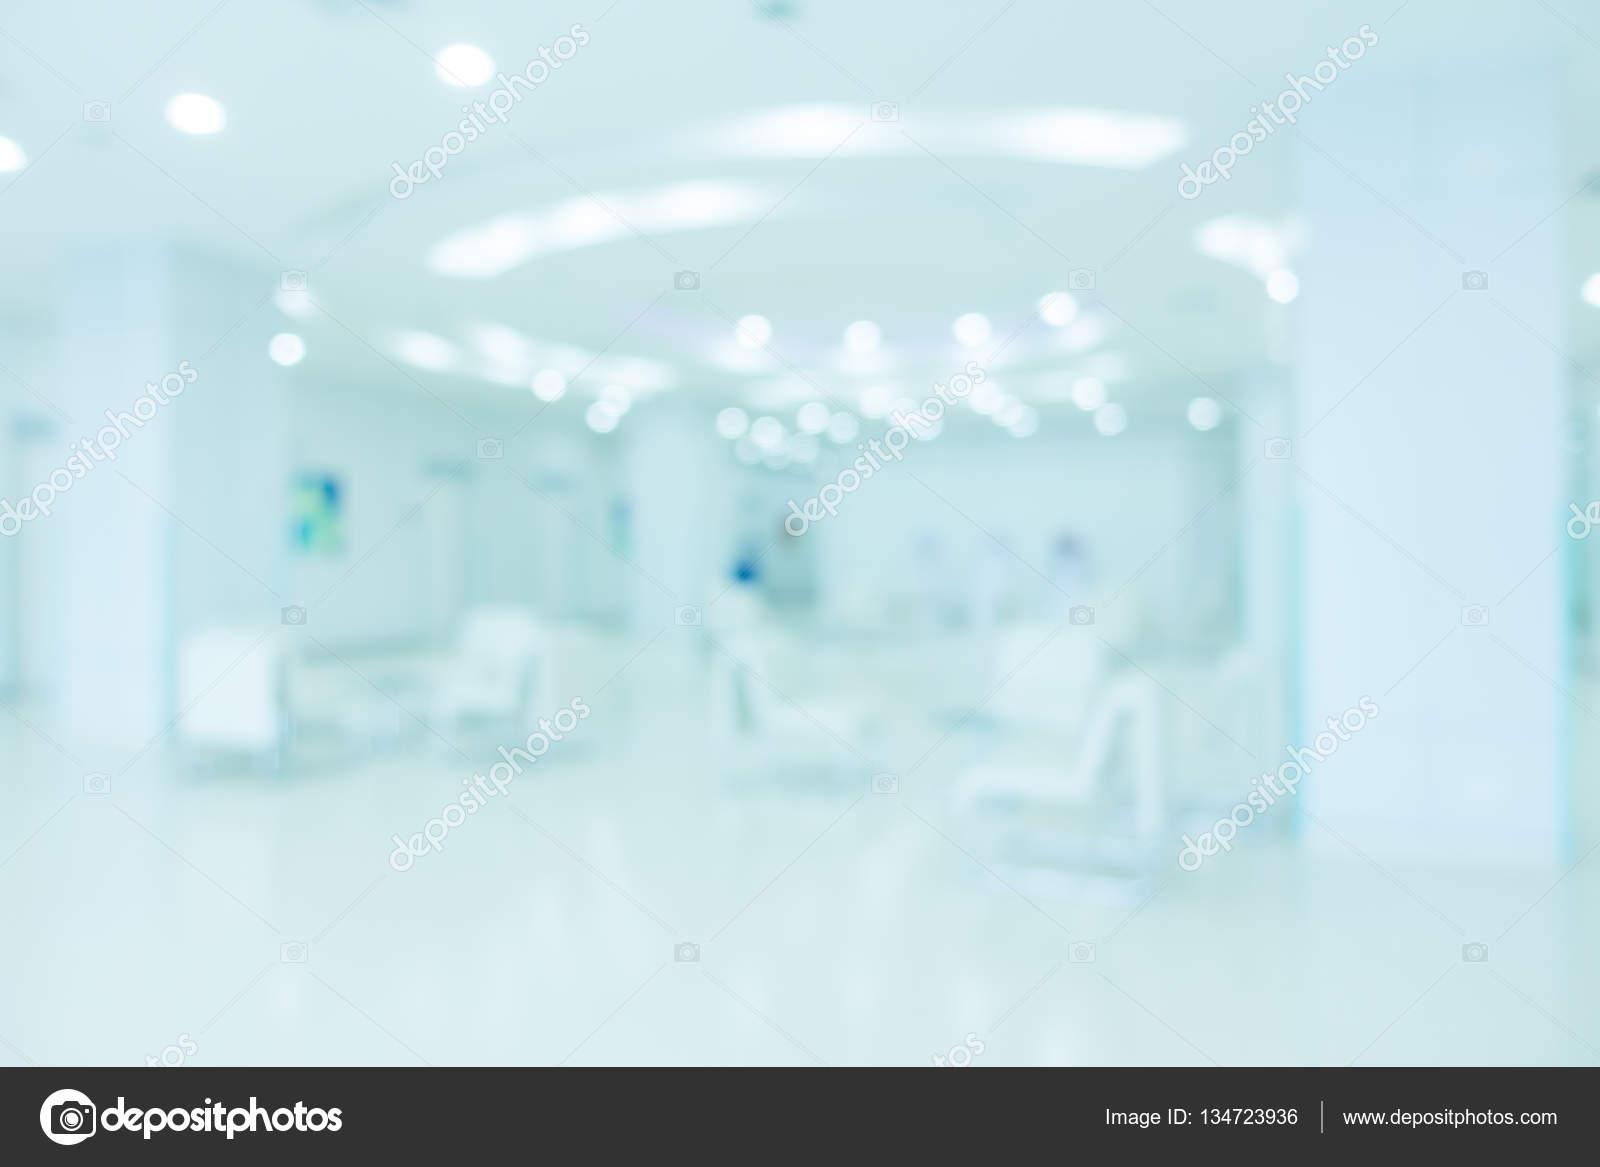 Interieur Ice Blauw : Abstract vervagen ziekenhuis en kliniek interieur u2014 stockfoto